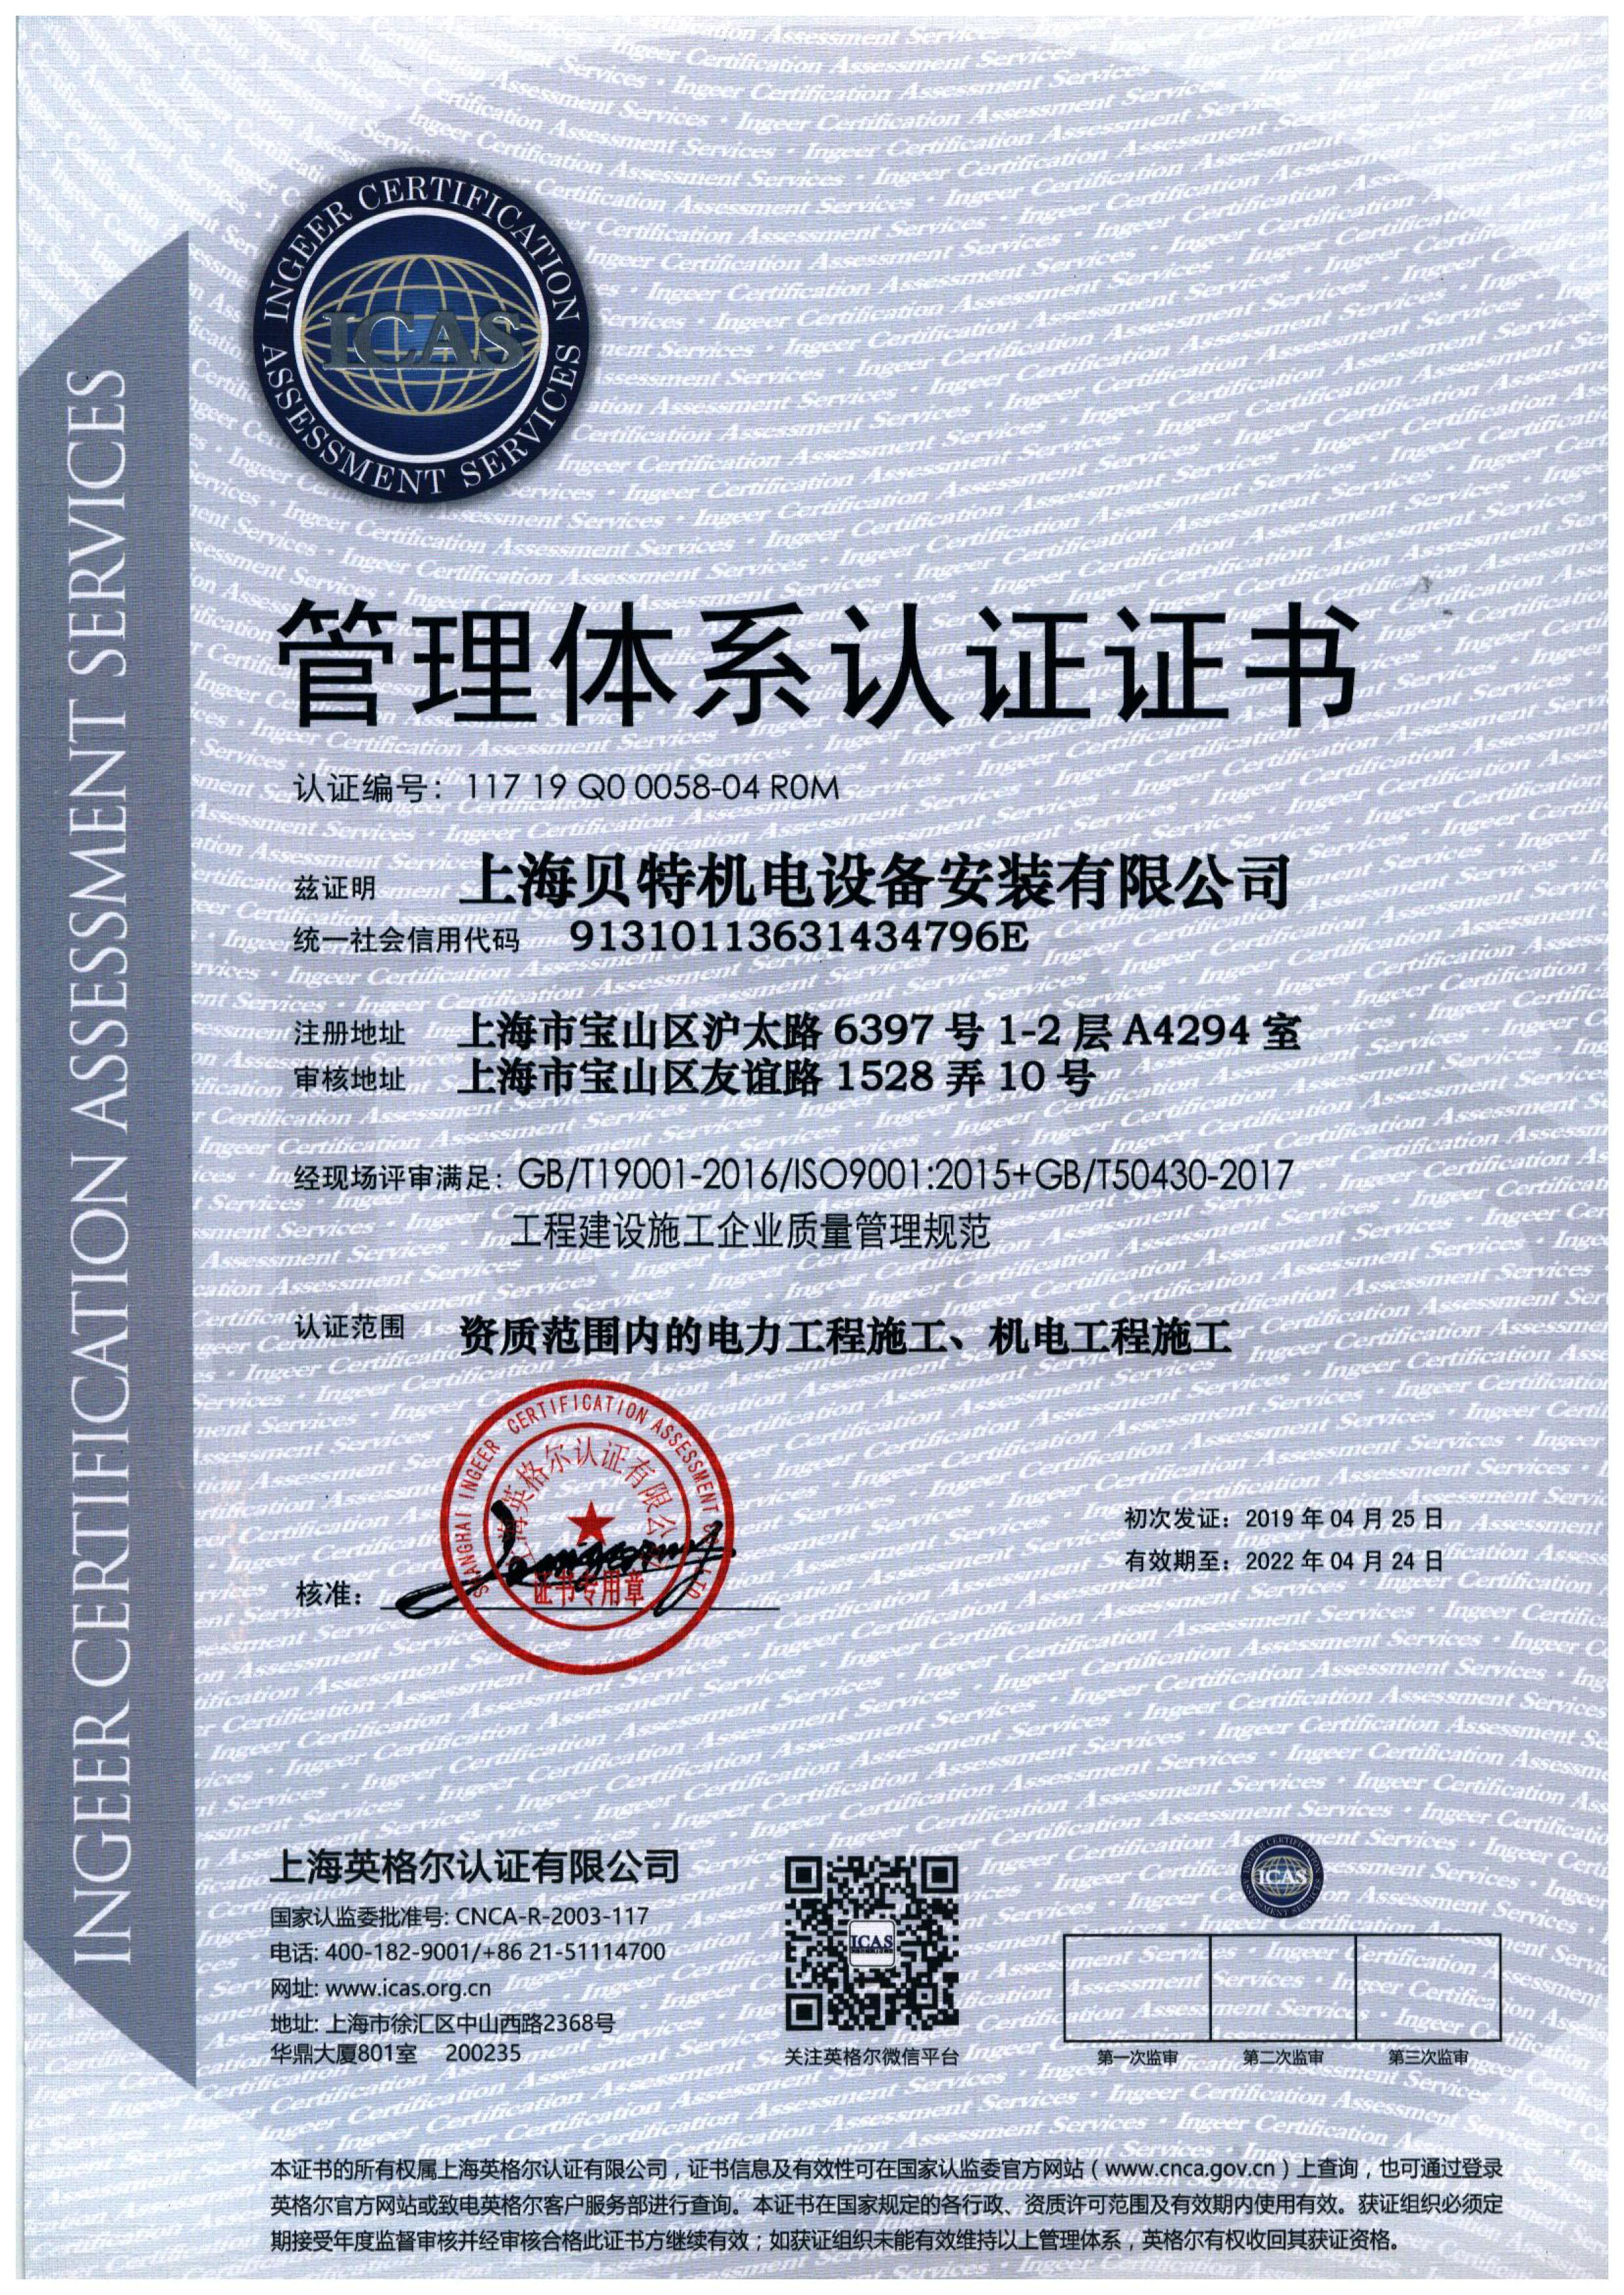 管理体系证书-工程建设施工-1